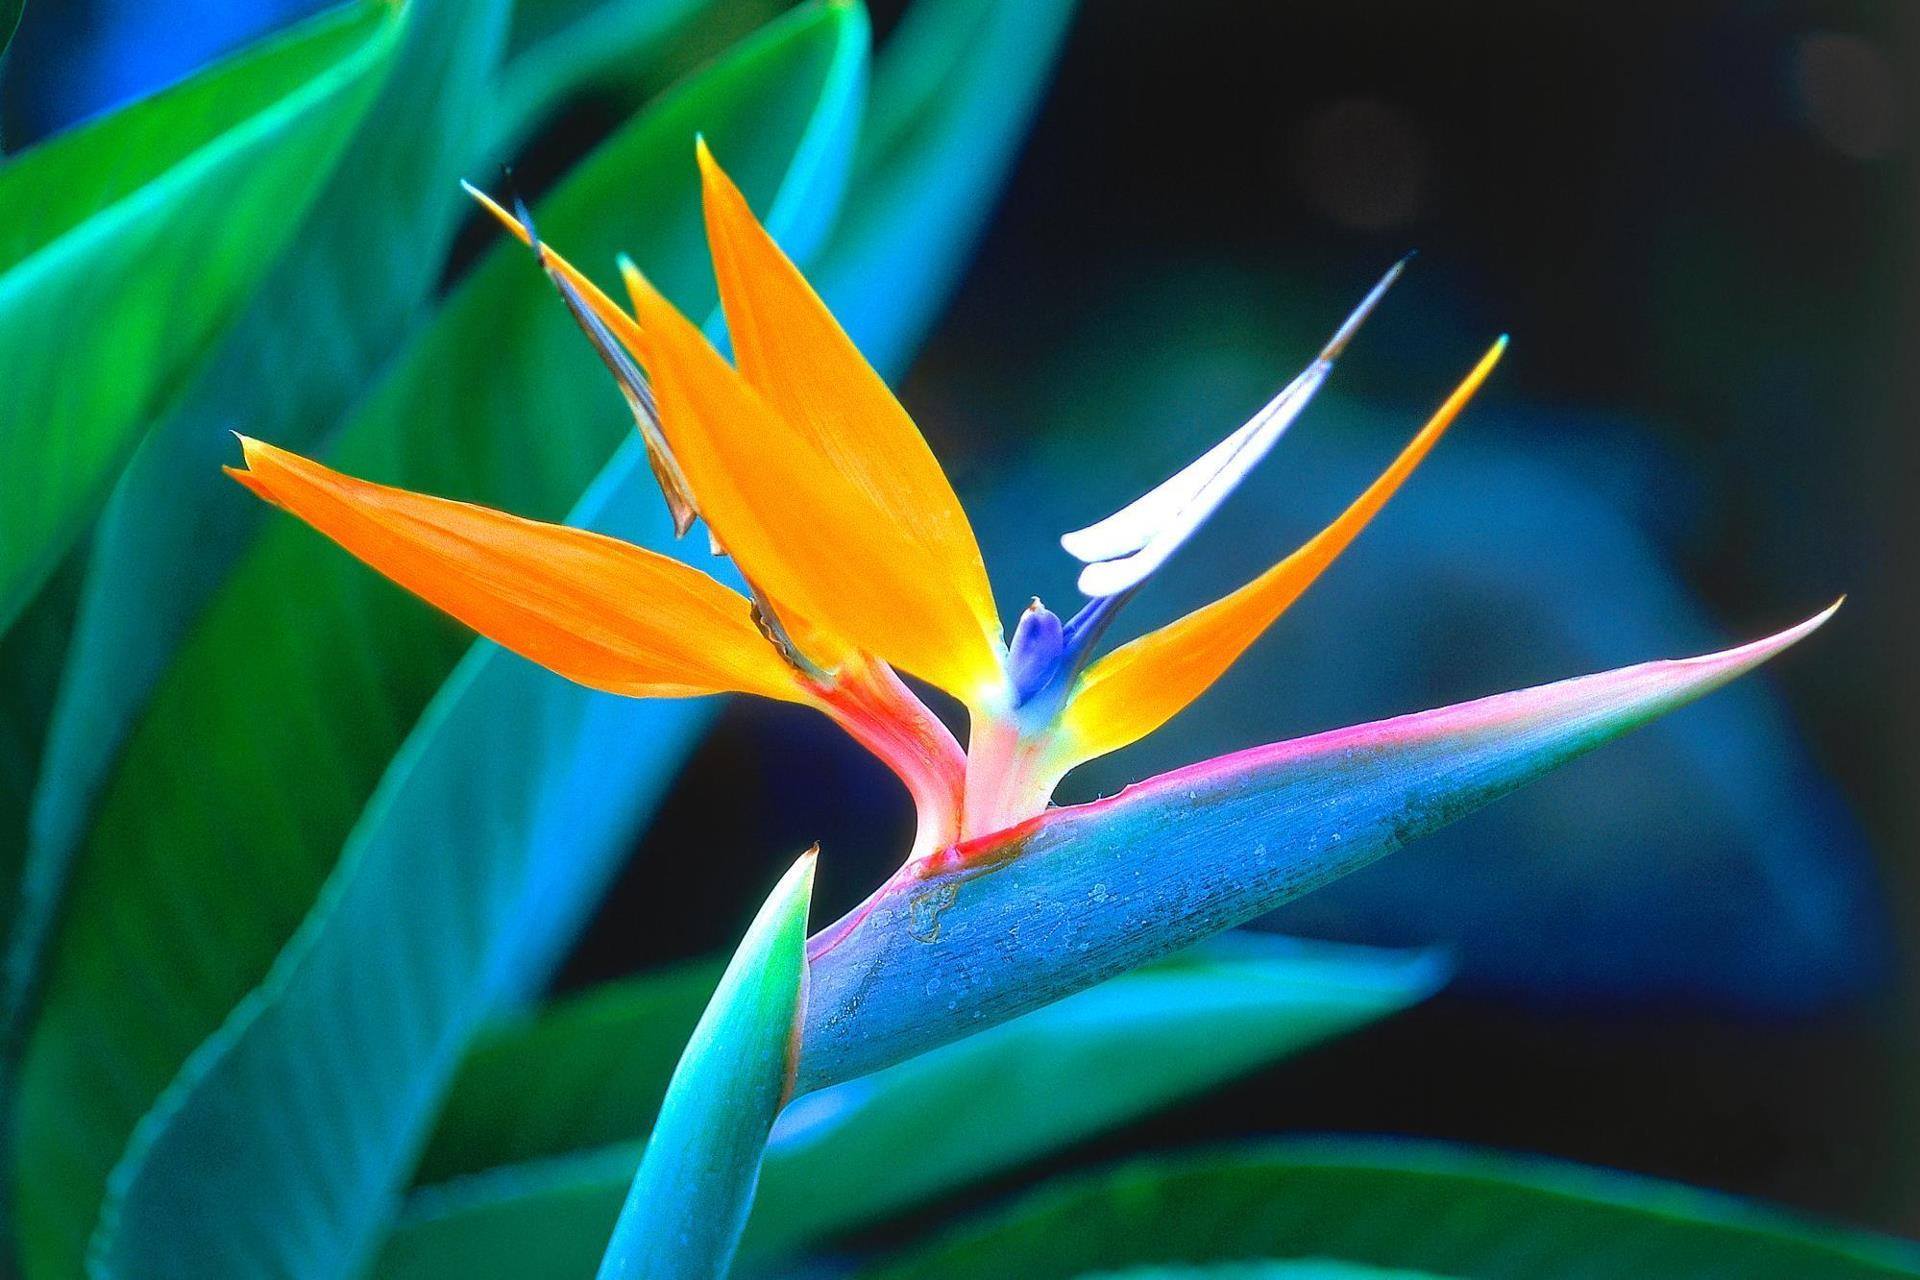 oiseau-de-paradis_categorie-fleurs_fonds-ecran_telecharger_07